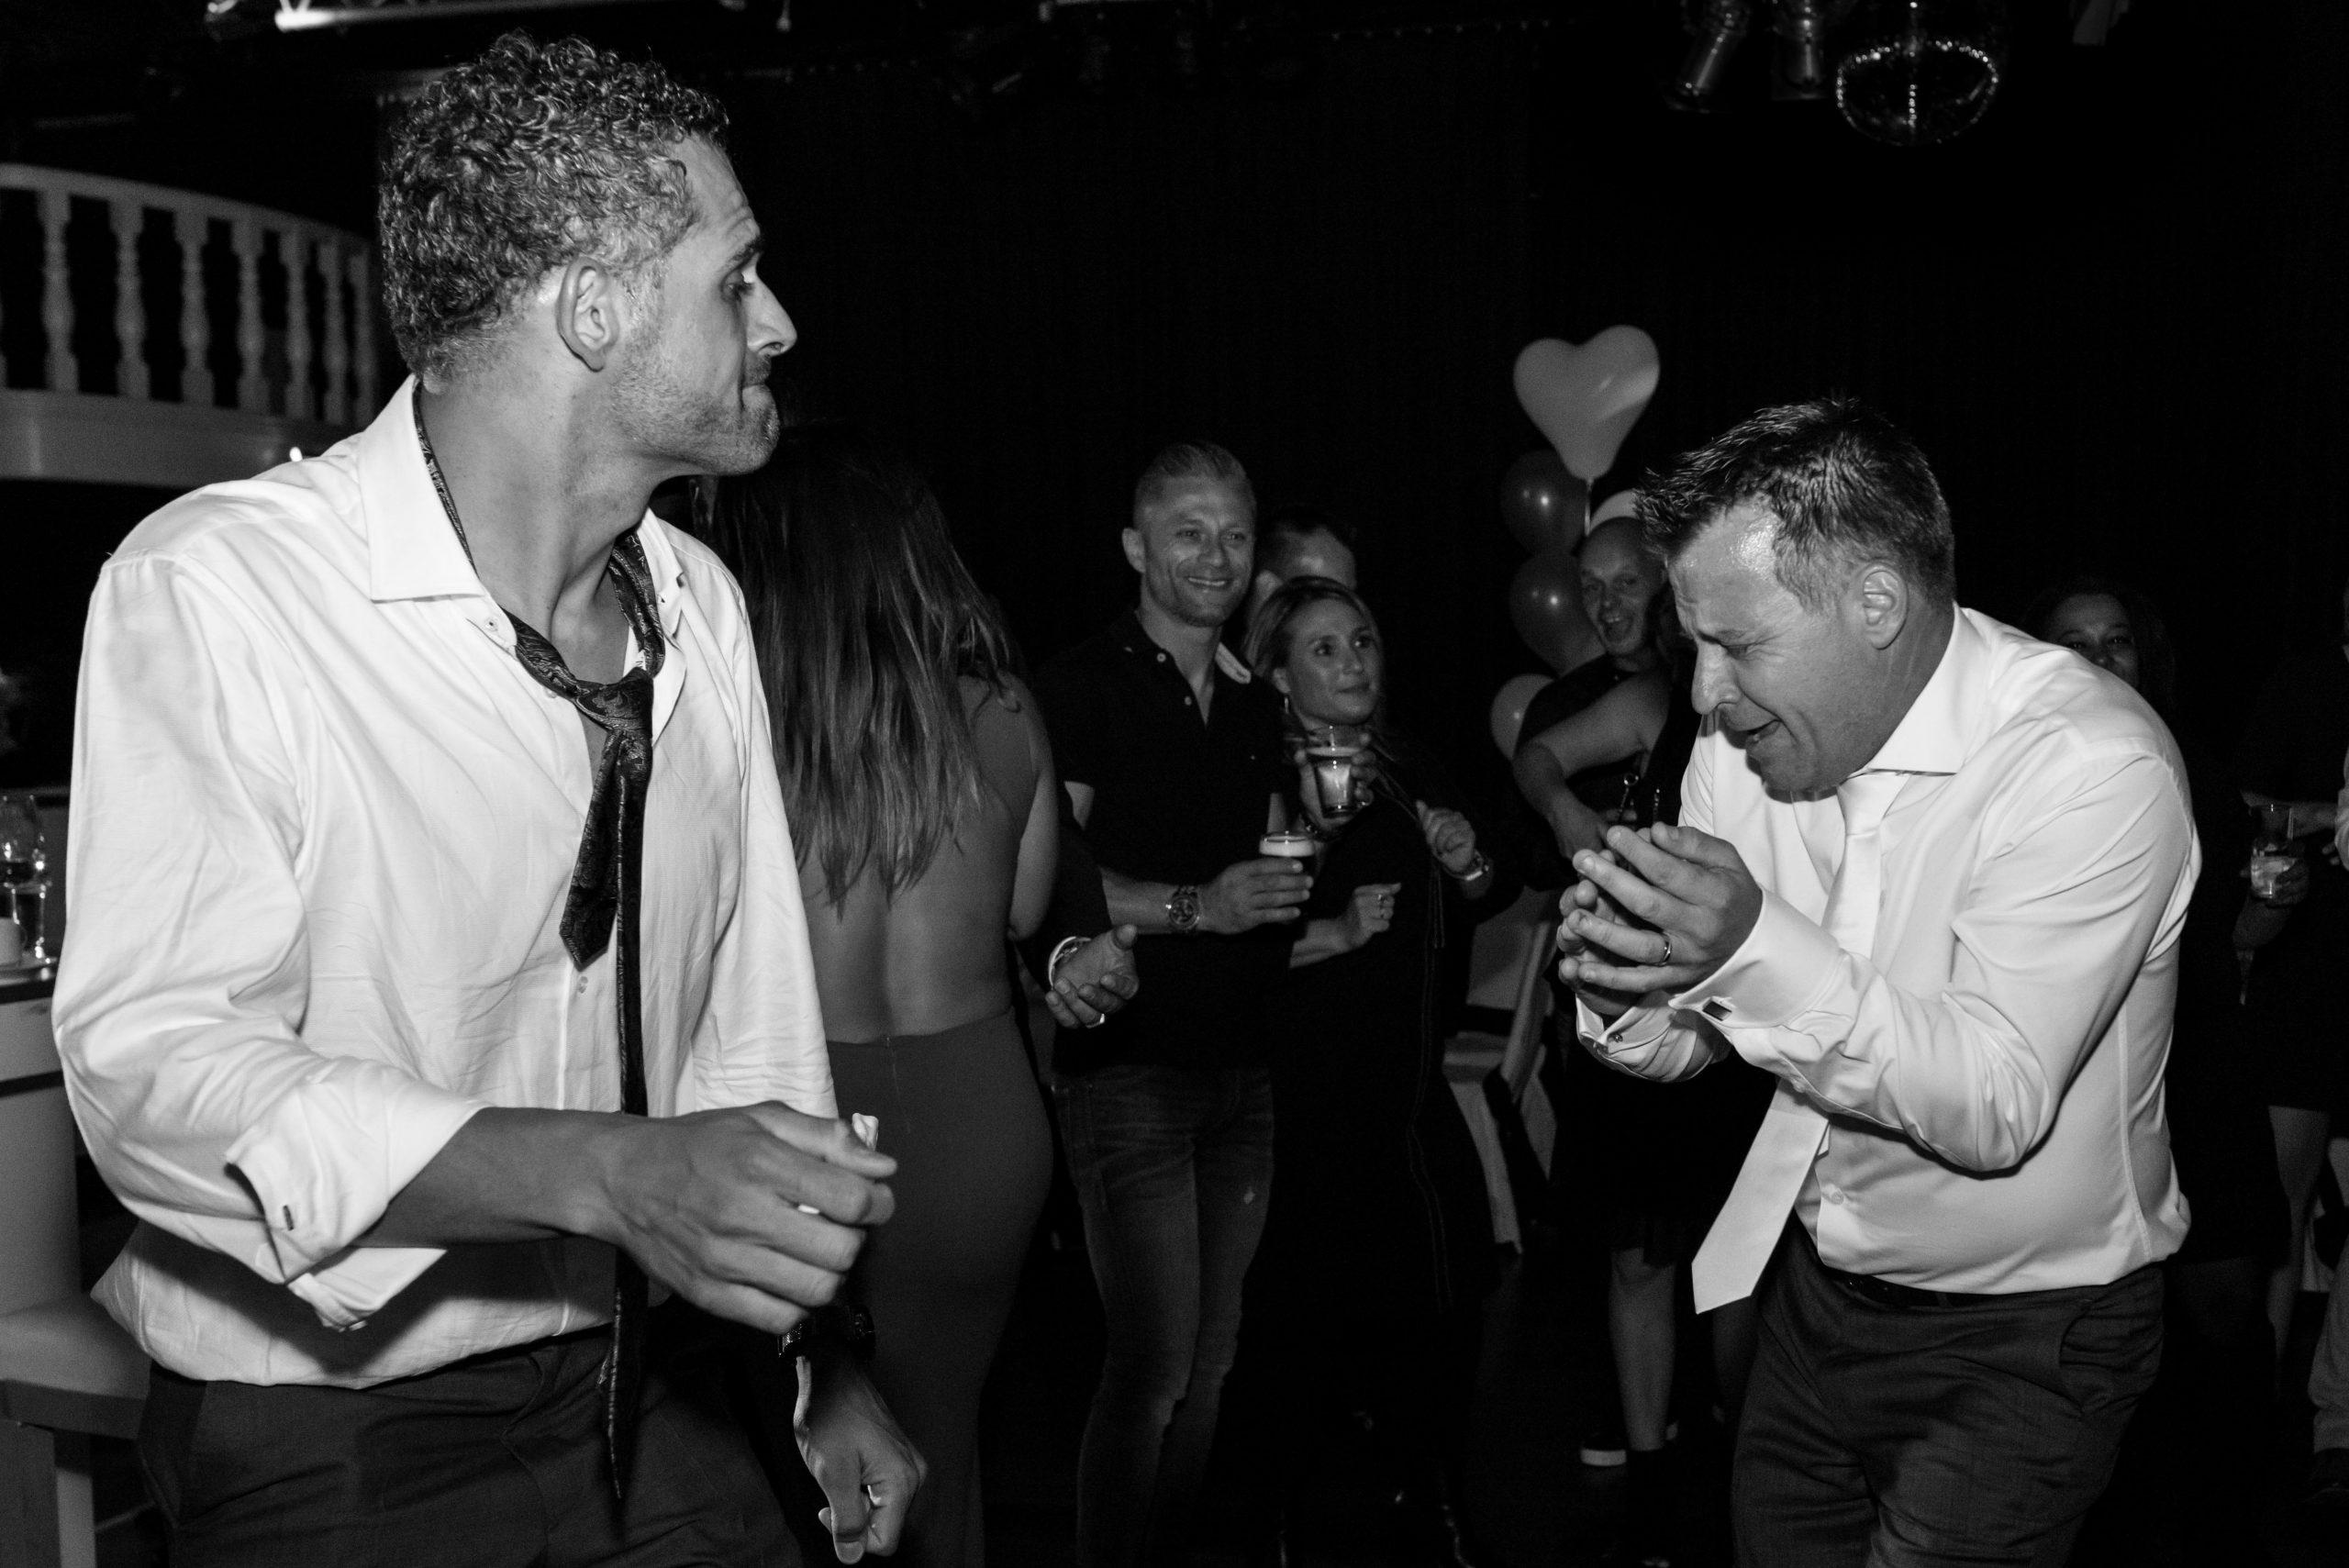 Bruidegom danst gepassioneerd met zijn broer